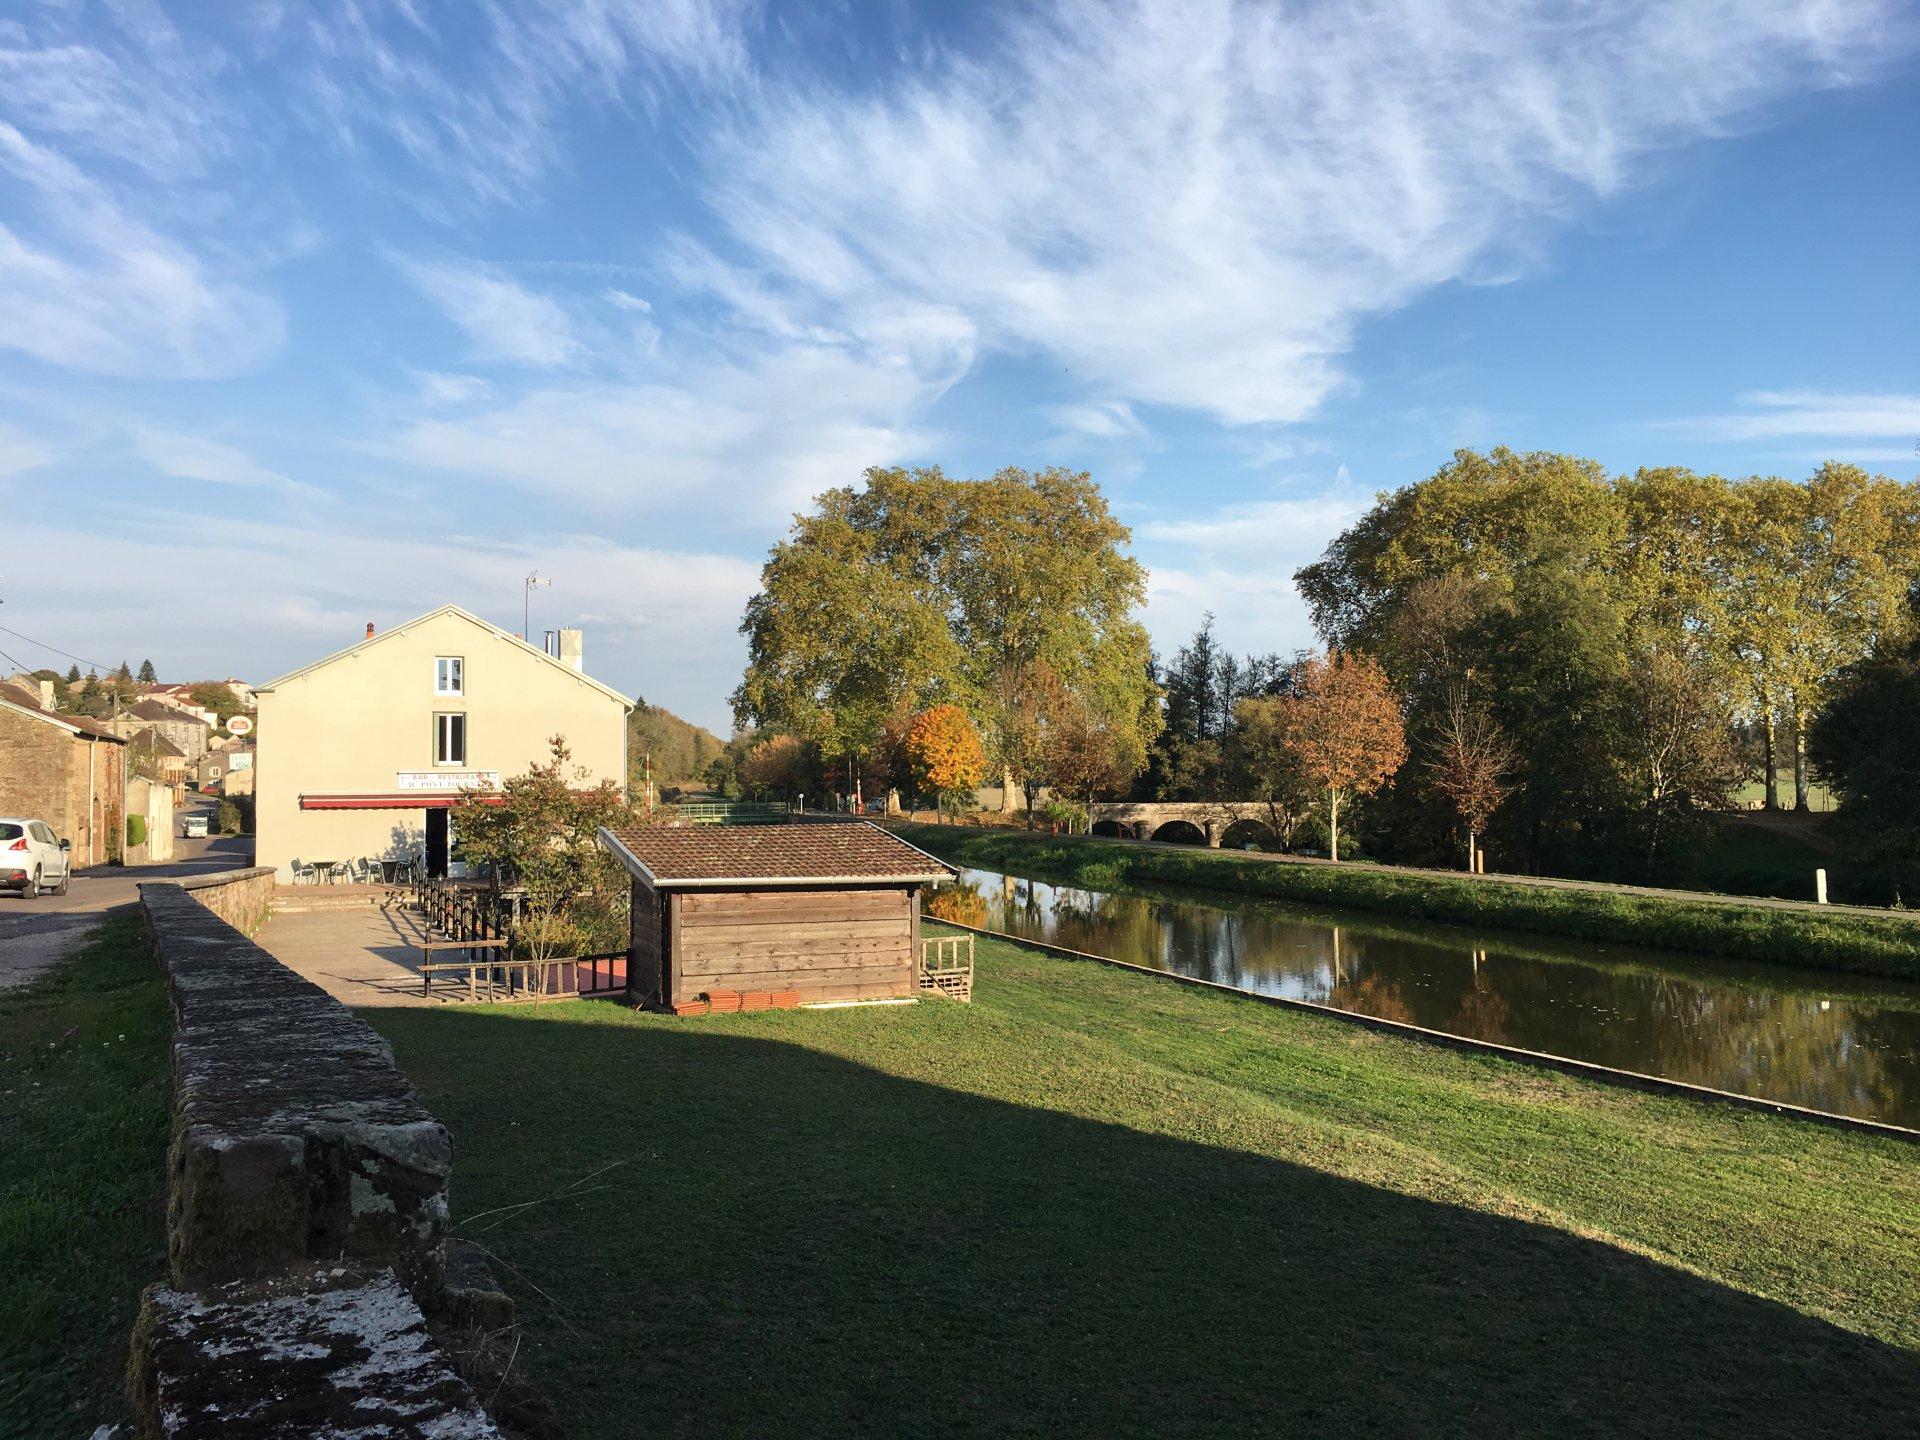 Schönes Haus in Haute-Saône, ruhige Lage, mit grossem Garten.